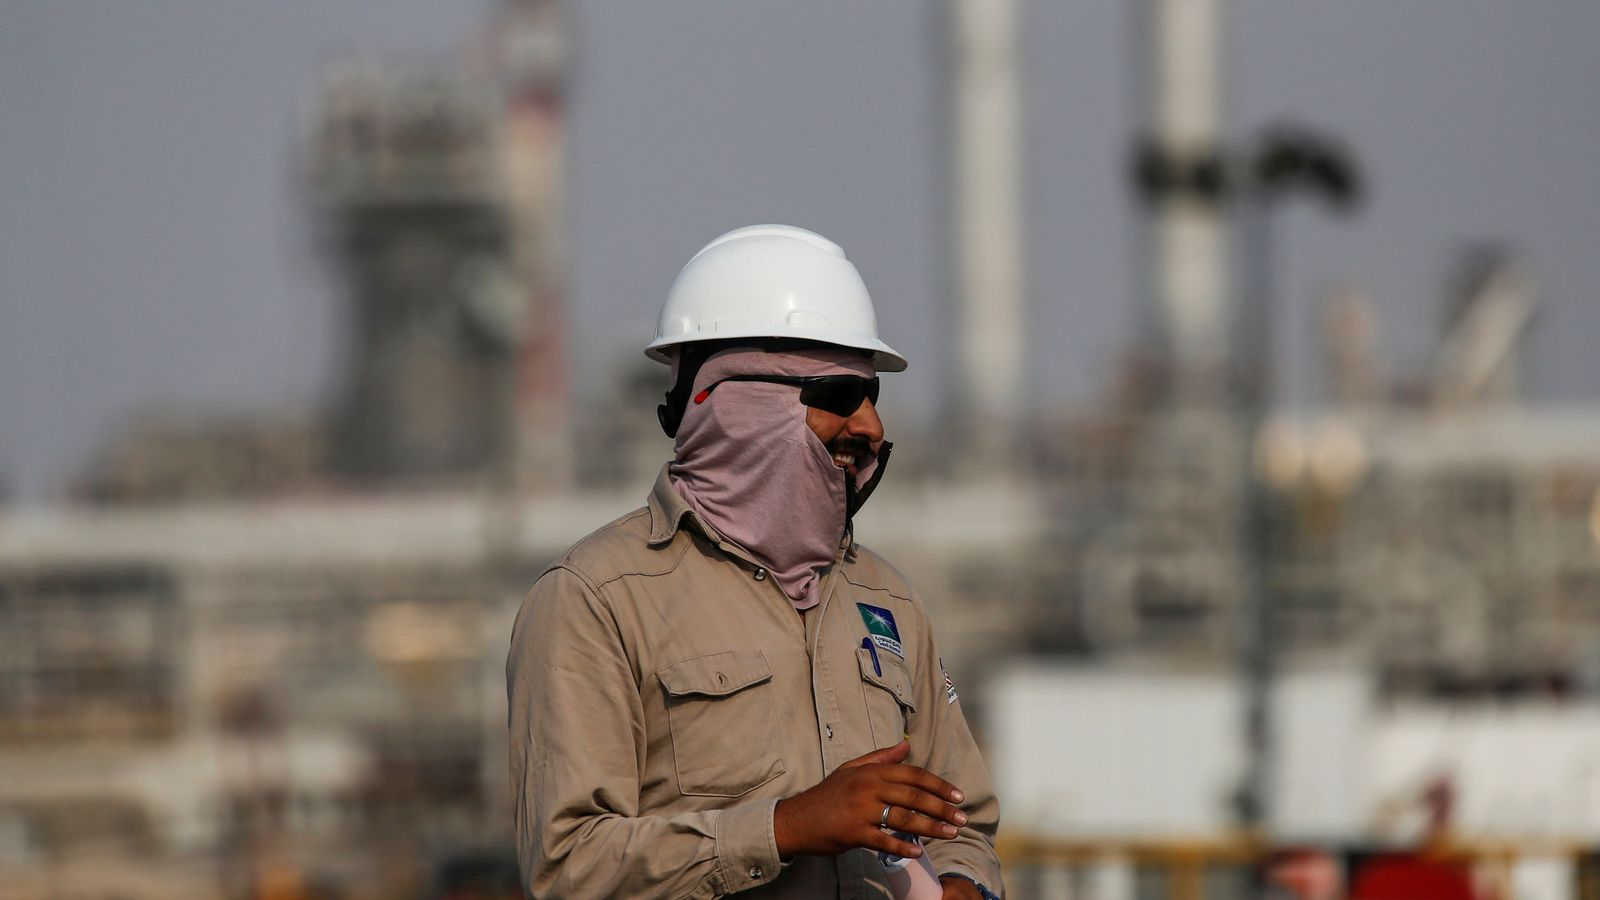 El petróleo Texas de EEUU cae por debajo de los $20 por primera vez desde 2002